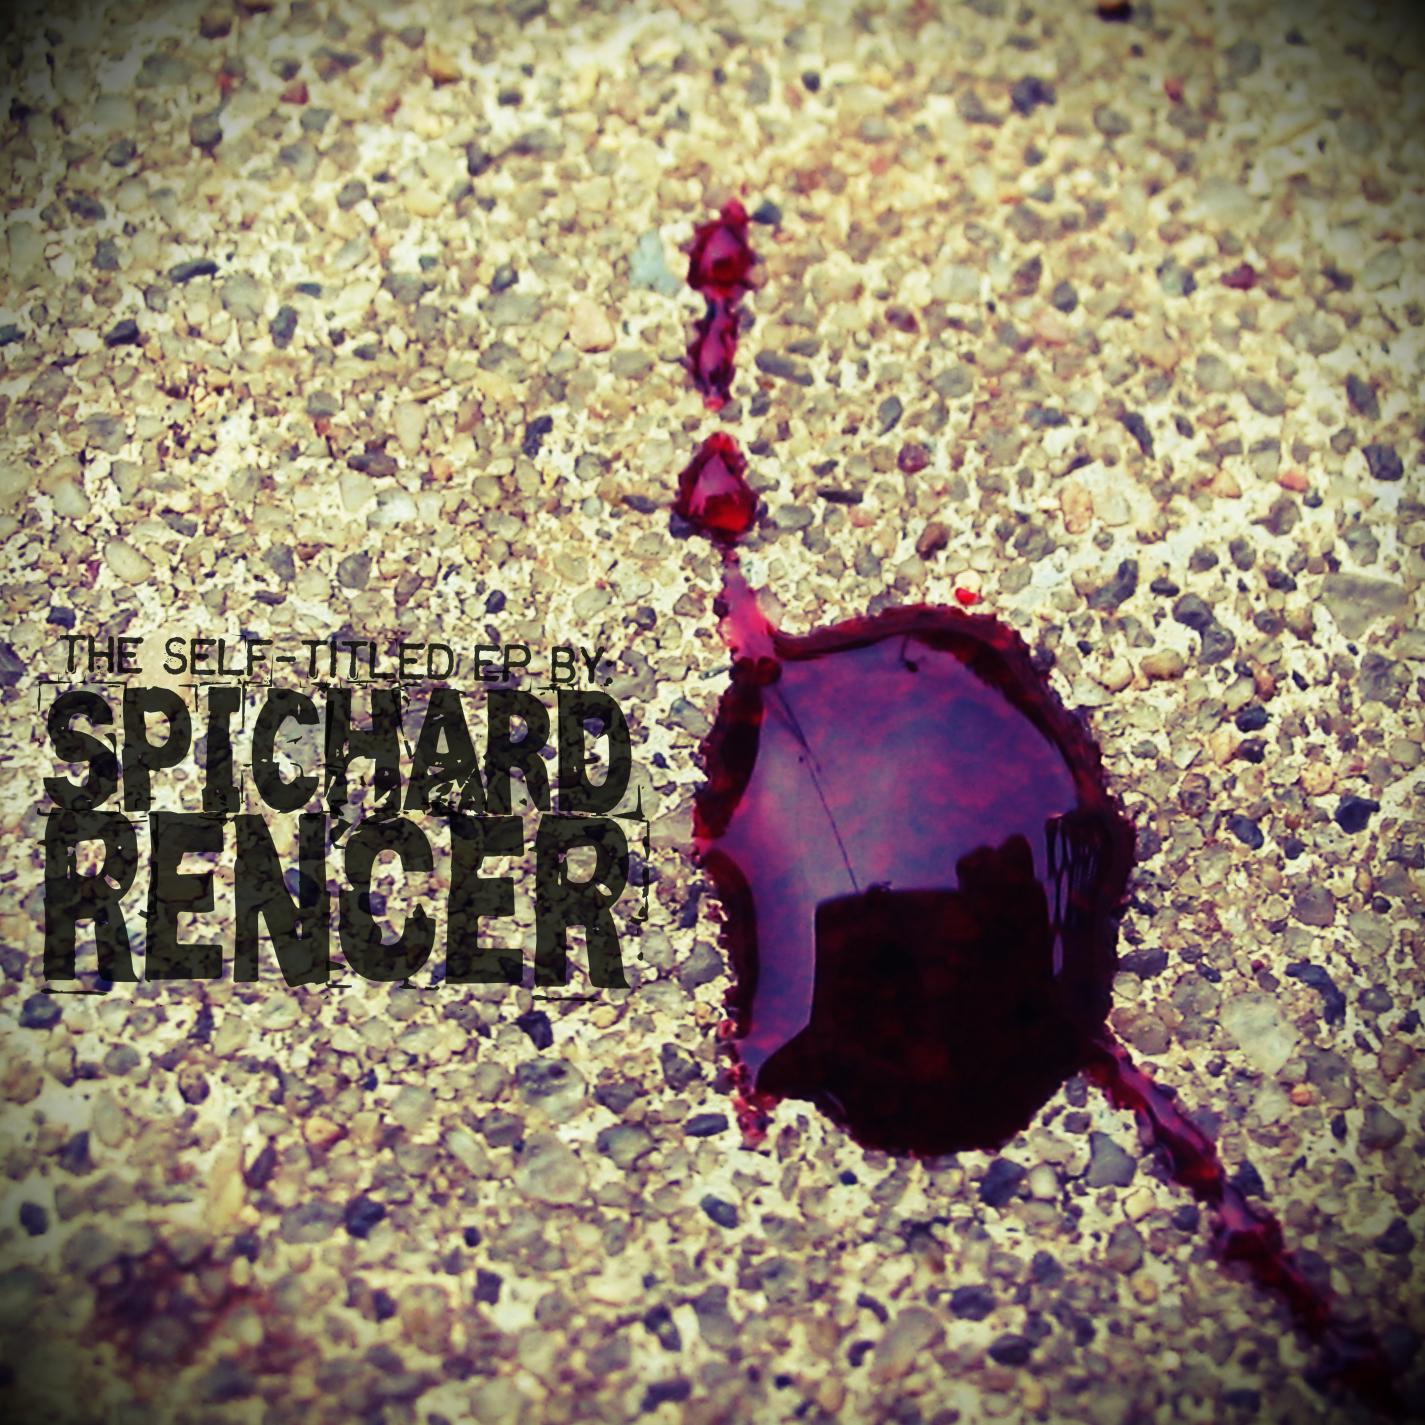 Spichard Rencer